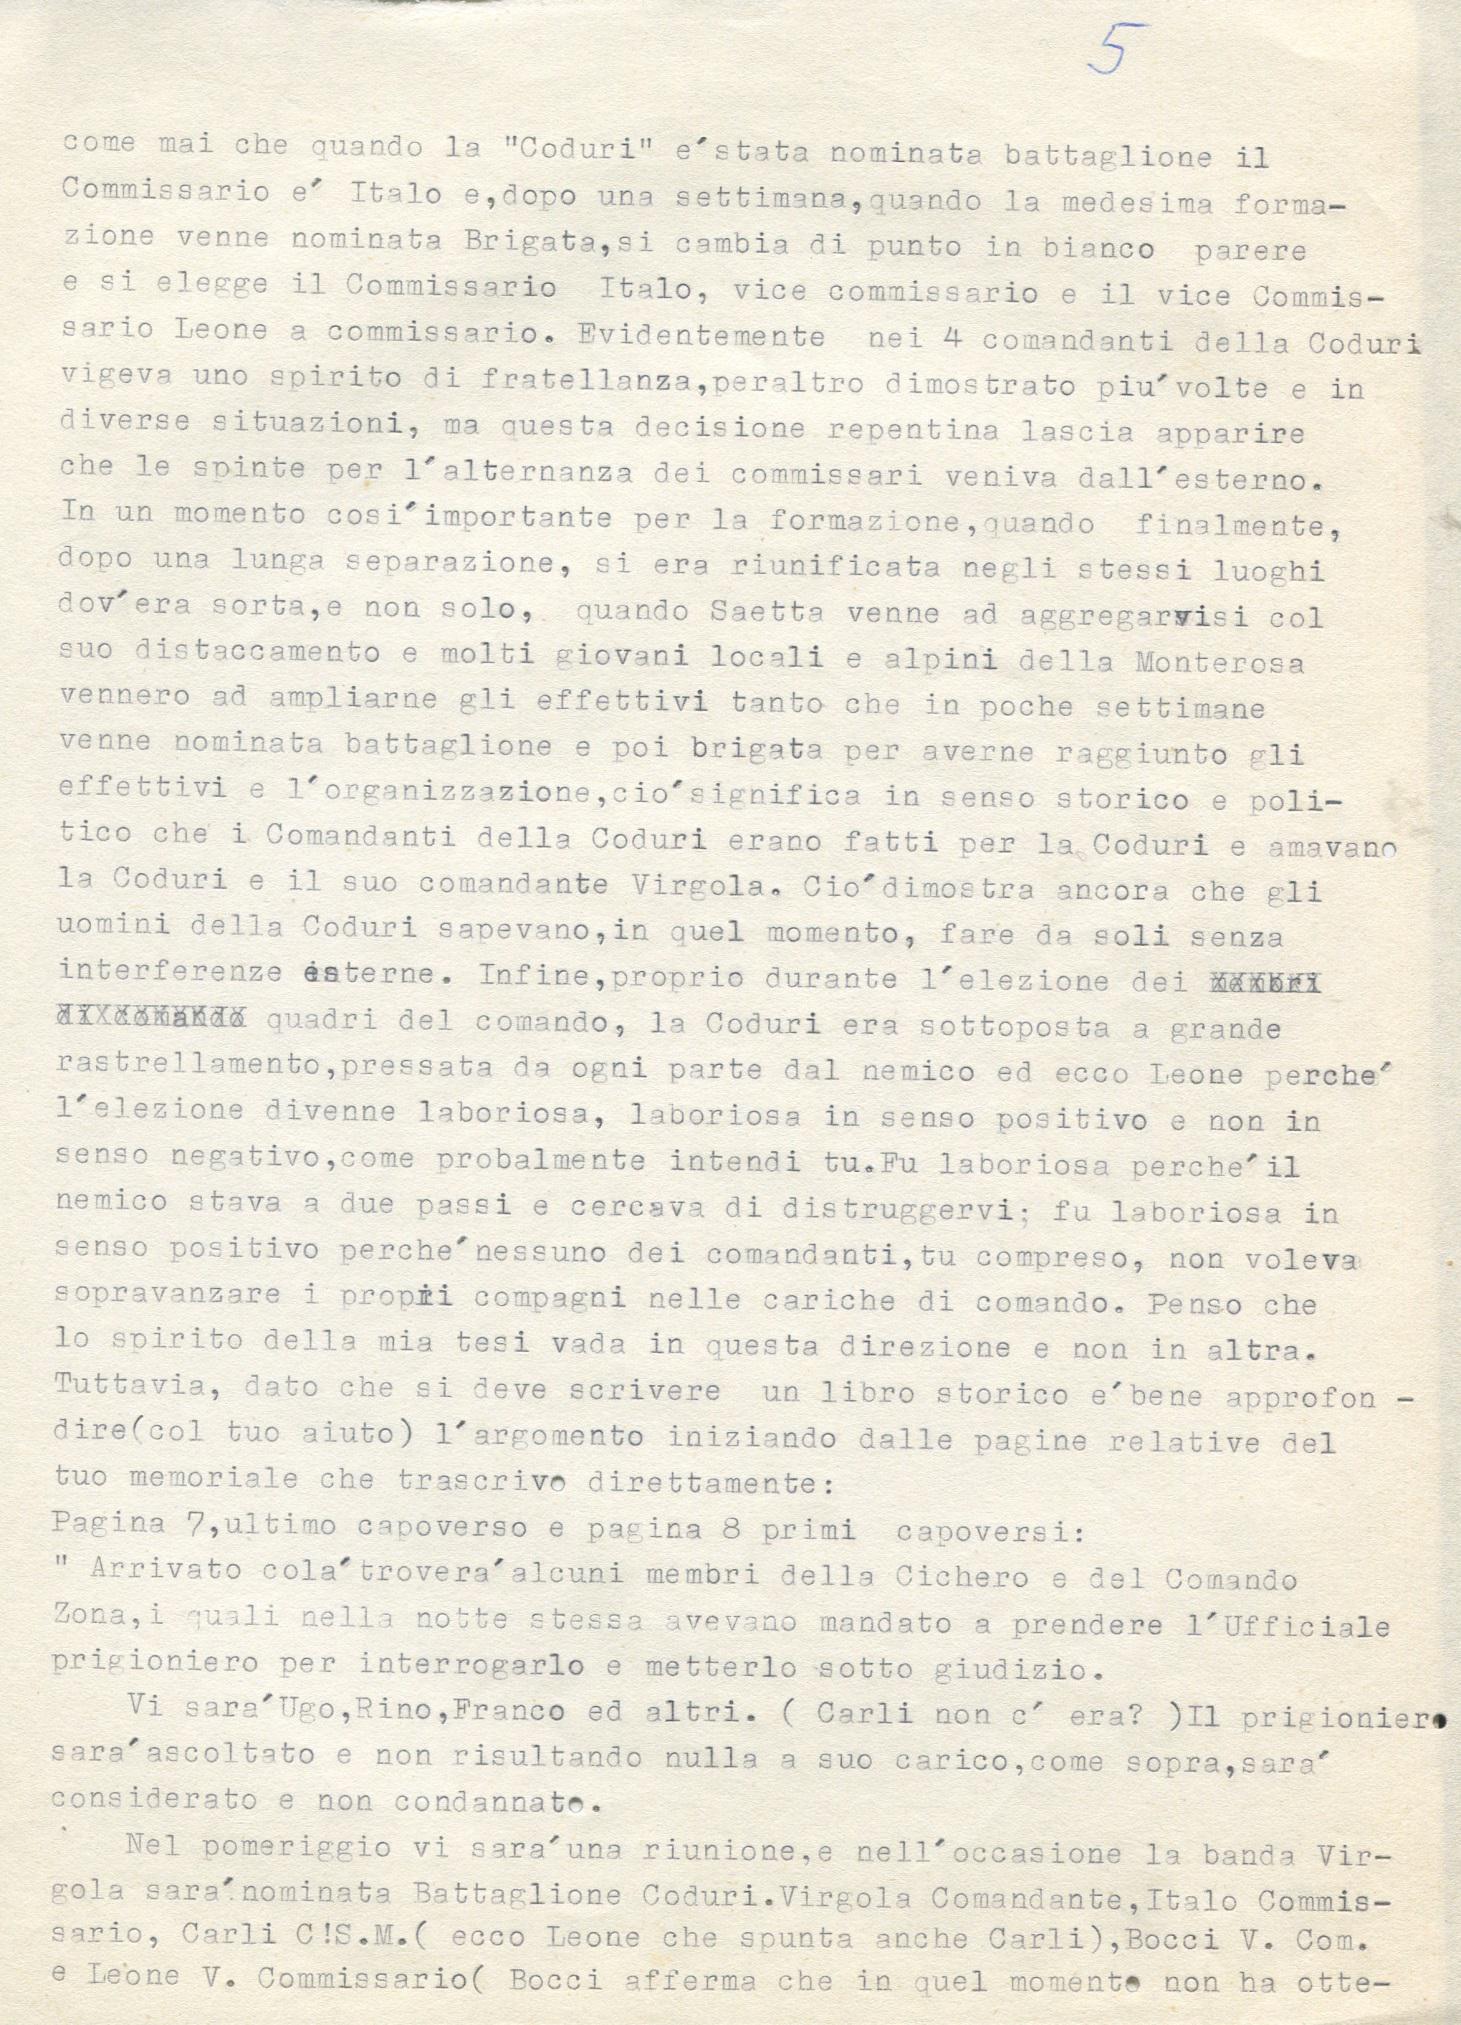 Lettera di Amato Berti a Bruno Monti Leone pag, 5